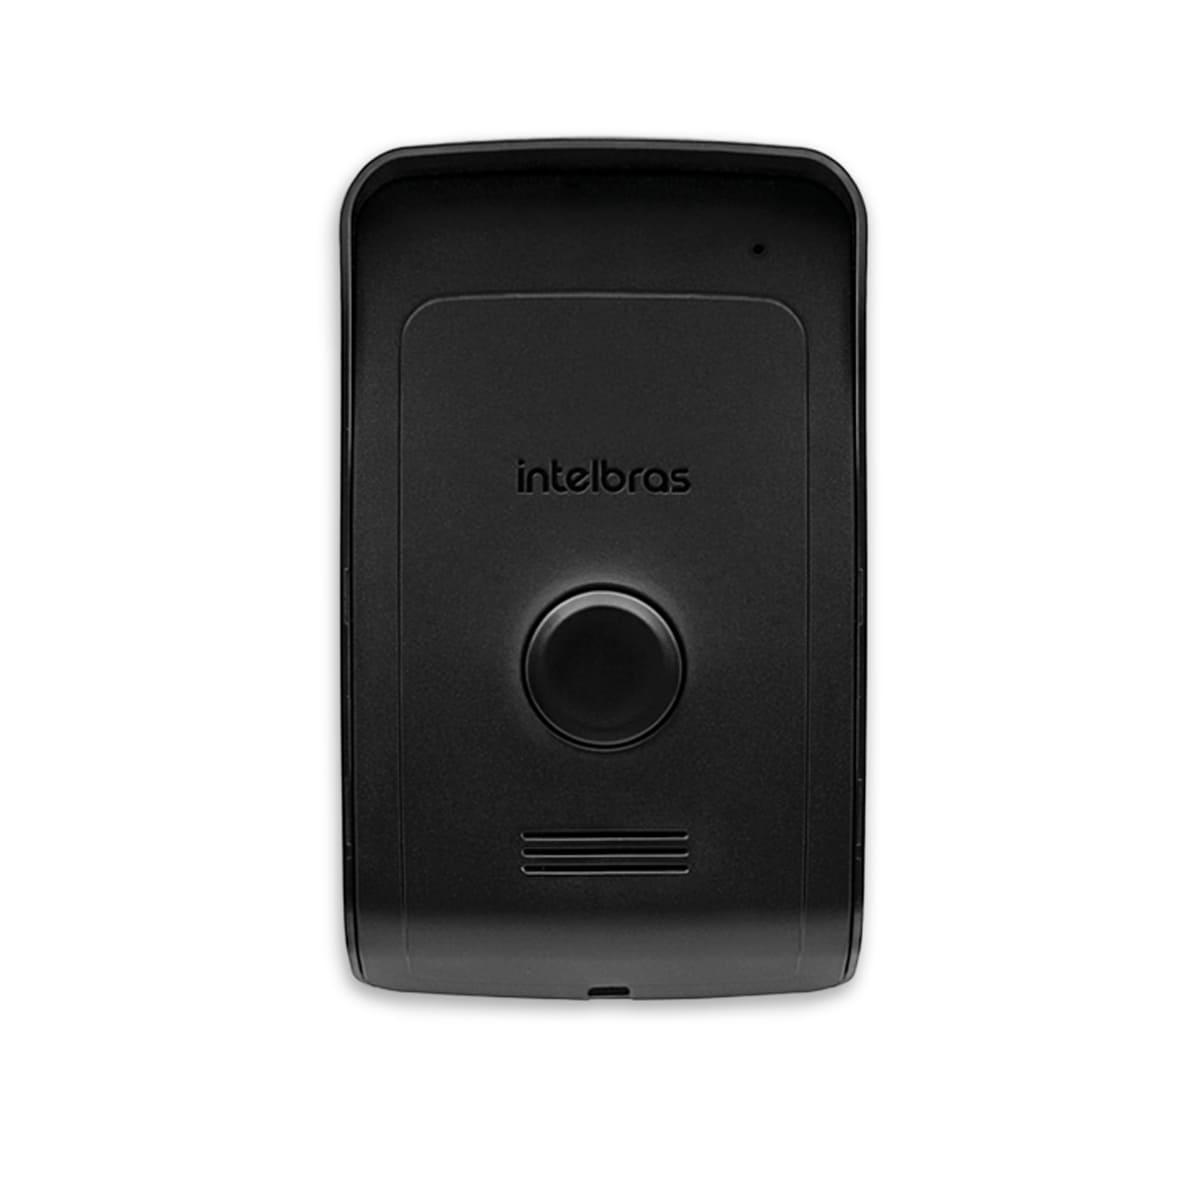 Kit Interfone Intelbras Ipr 1010 + Fechadura Intelbras Fx 500 + Extensão de Áudio